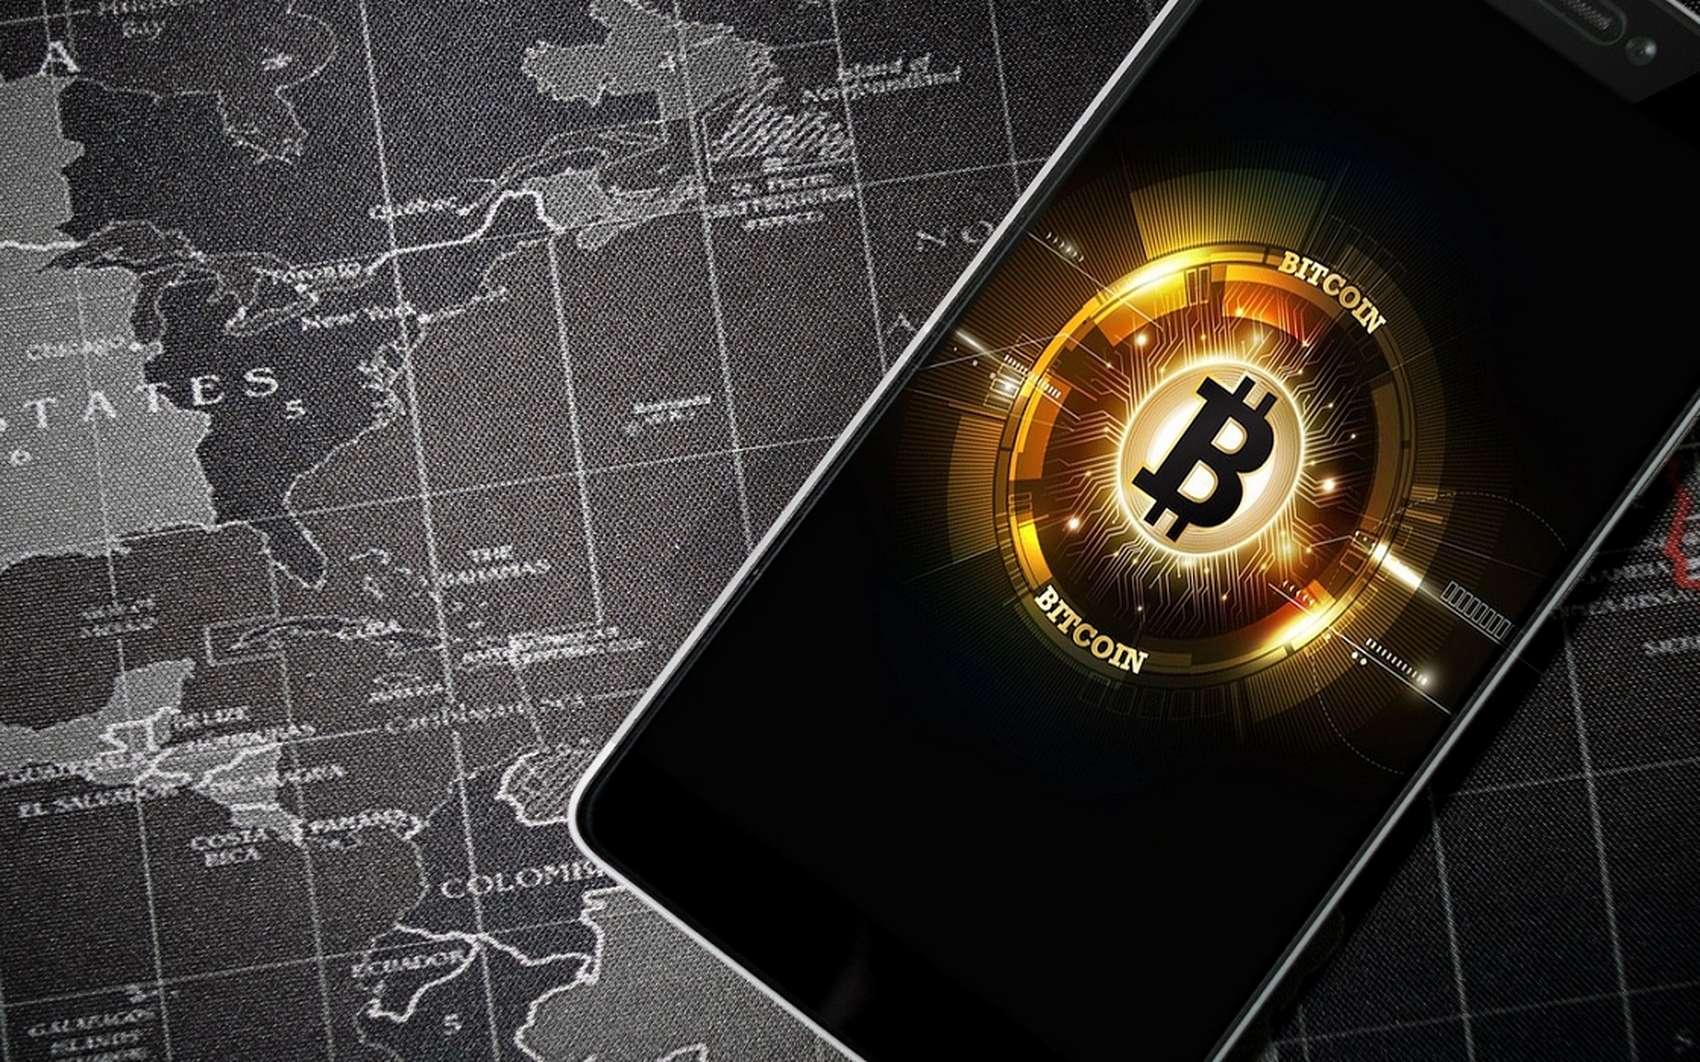 Anciennement, l'achat de bitcoins demandait des connaissances dans ce domaine. Aujourd'hui, on peut acheter cette devise numérique facilement, à l'aide d'un smartphone et d'une carte bleue. © Pixabay.com